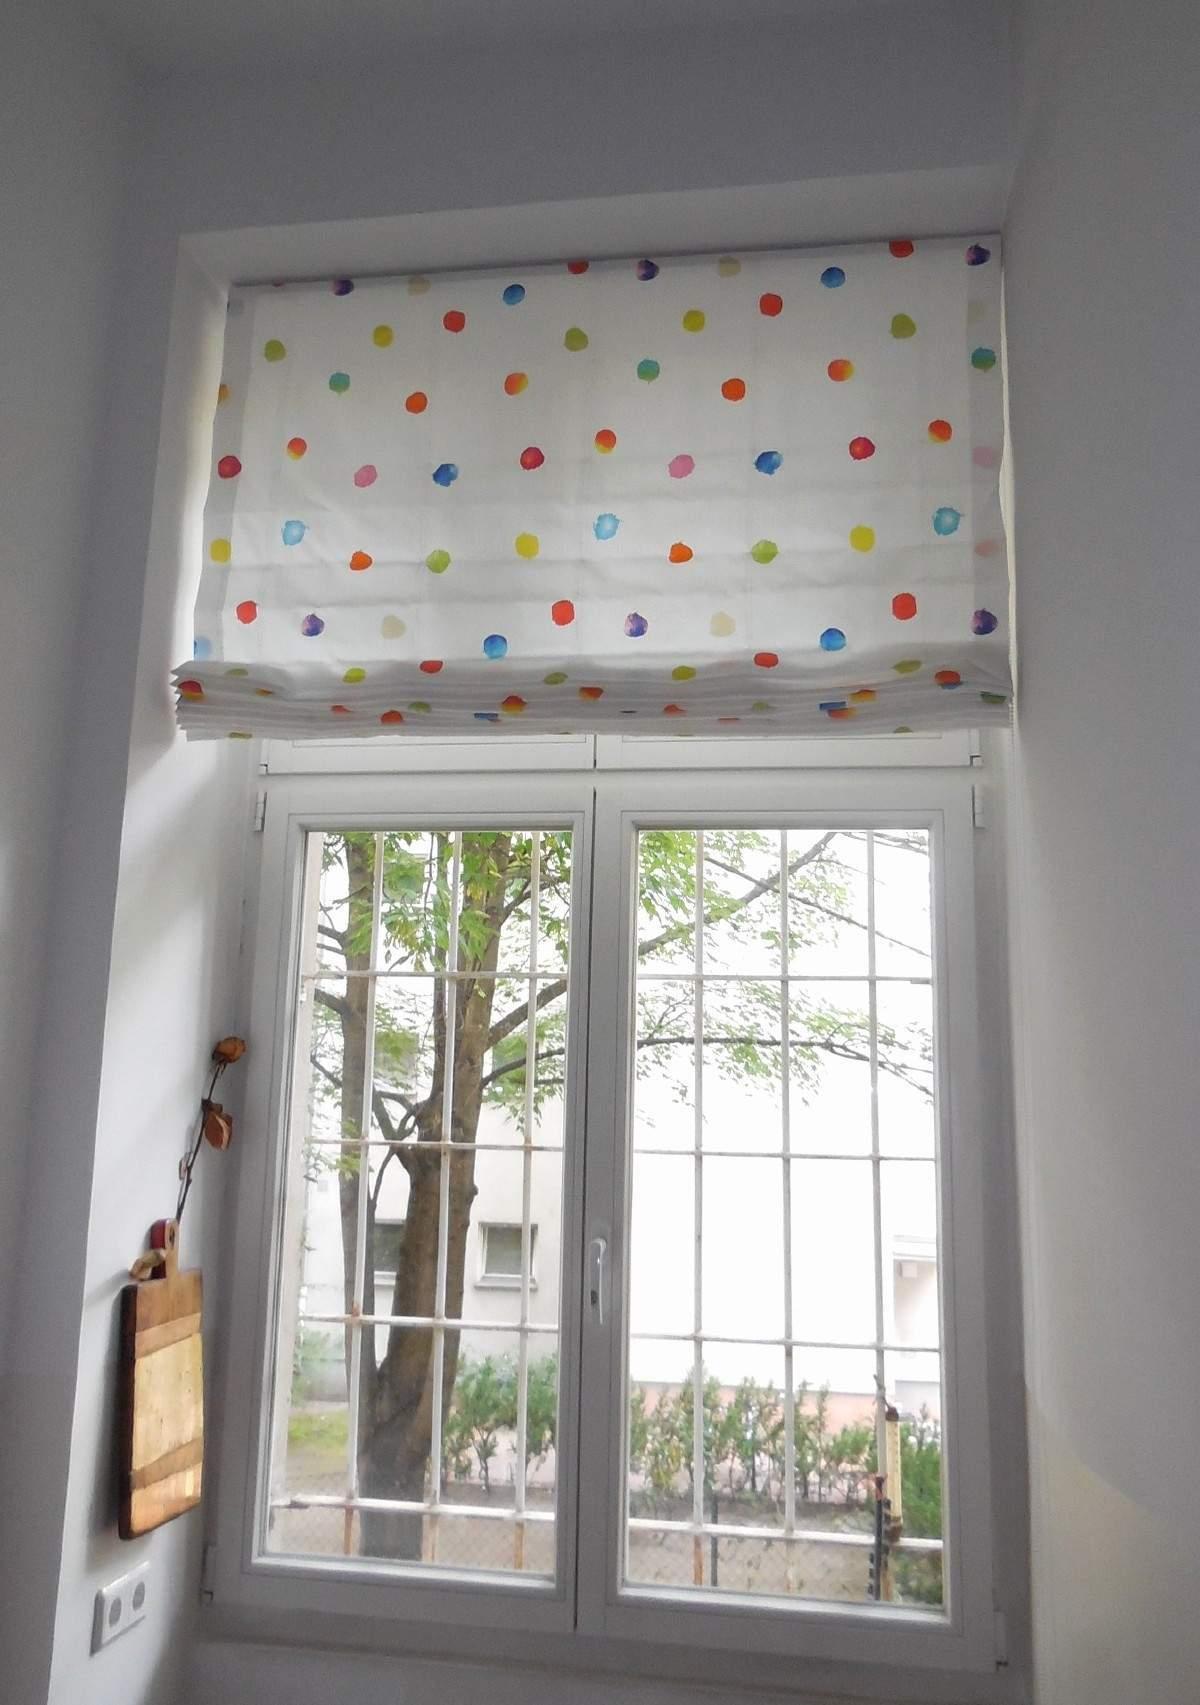 sichtschutz wohnzimmer elegant sichtschutz wohnzimmer design sie mussen sehen of sichtschutz wohnzimmer